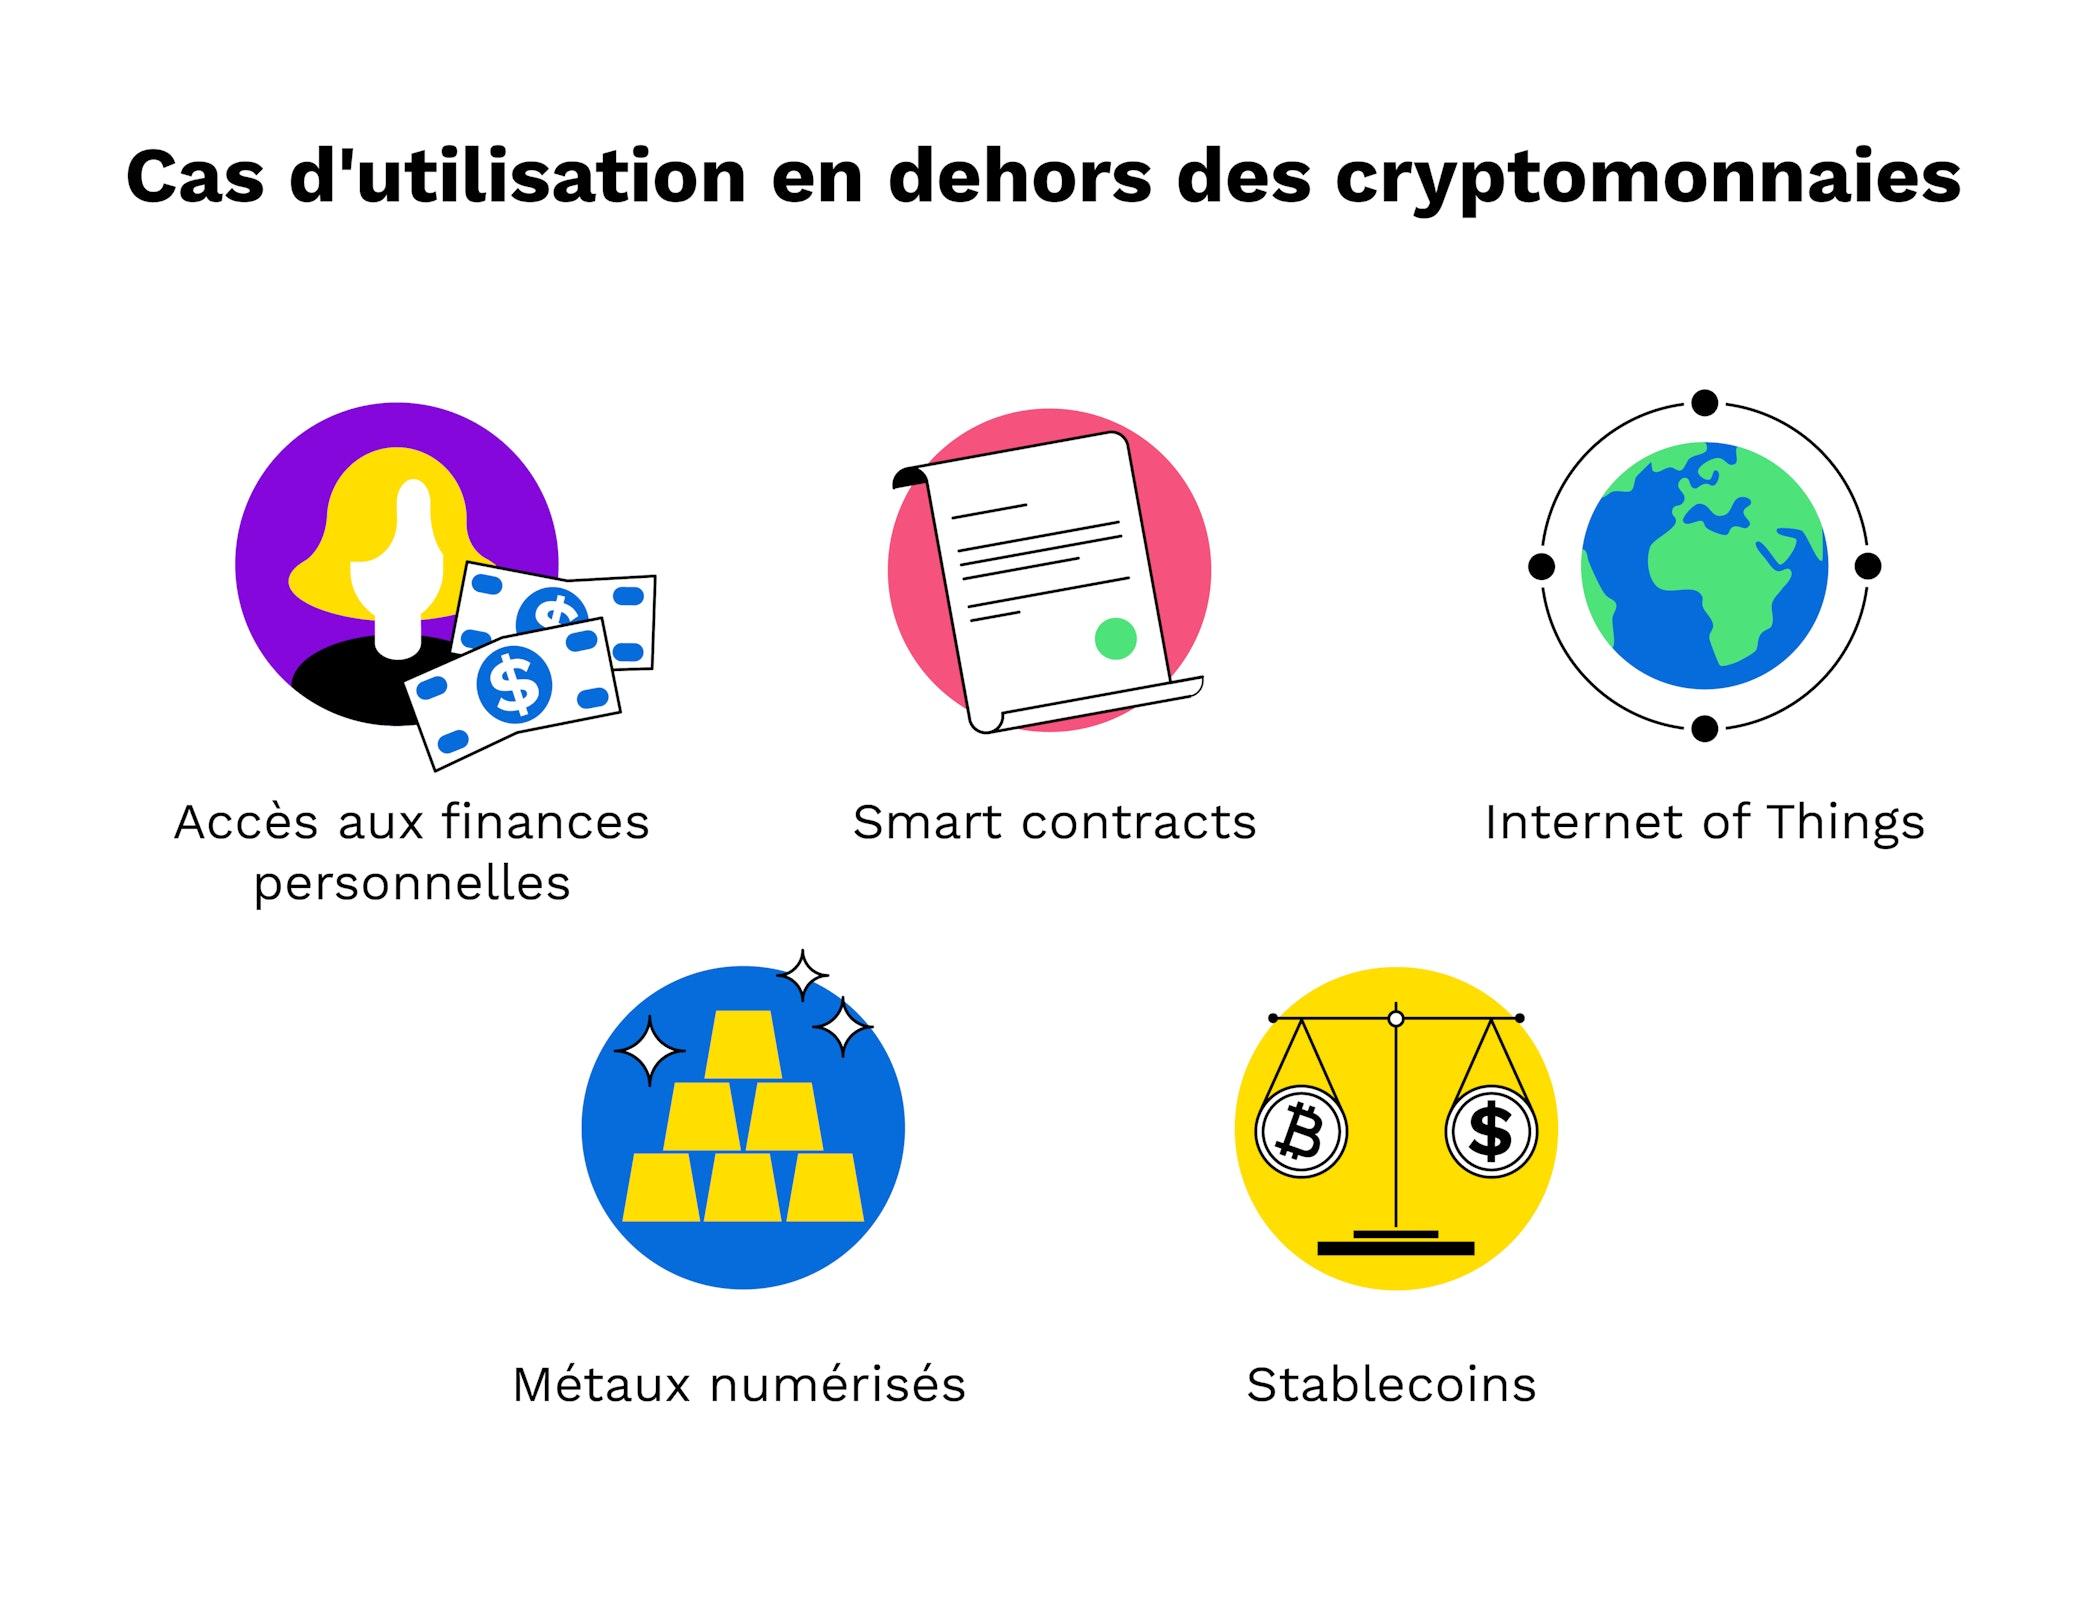 Wie kaufst du in CryptoCurrency?